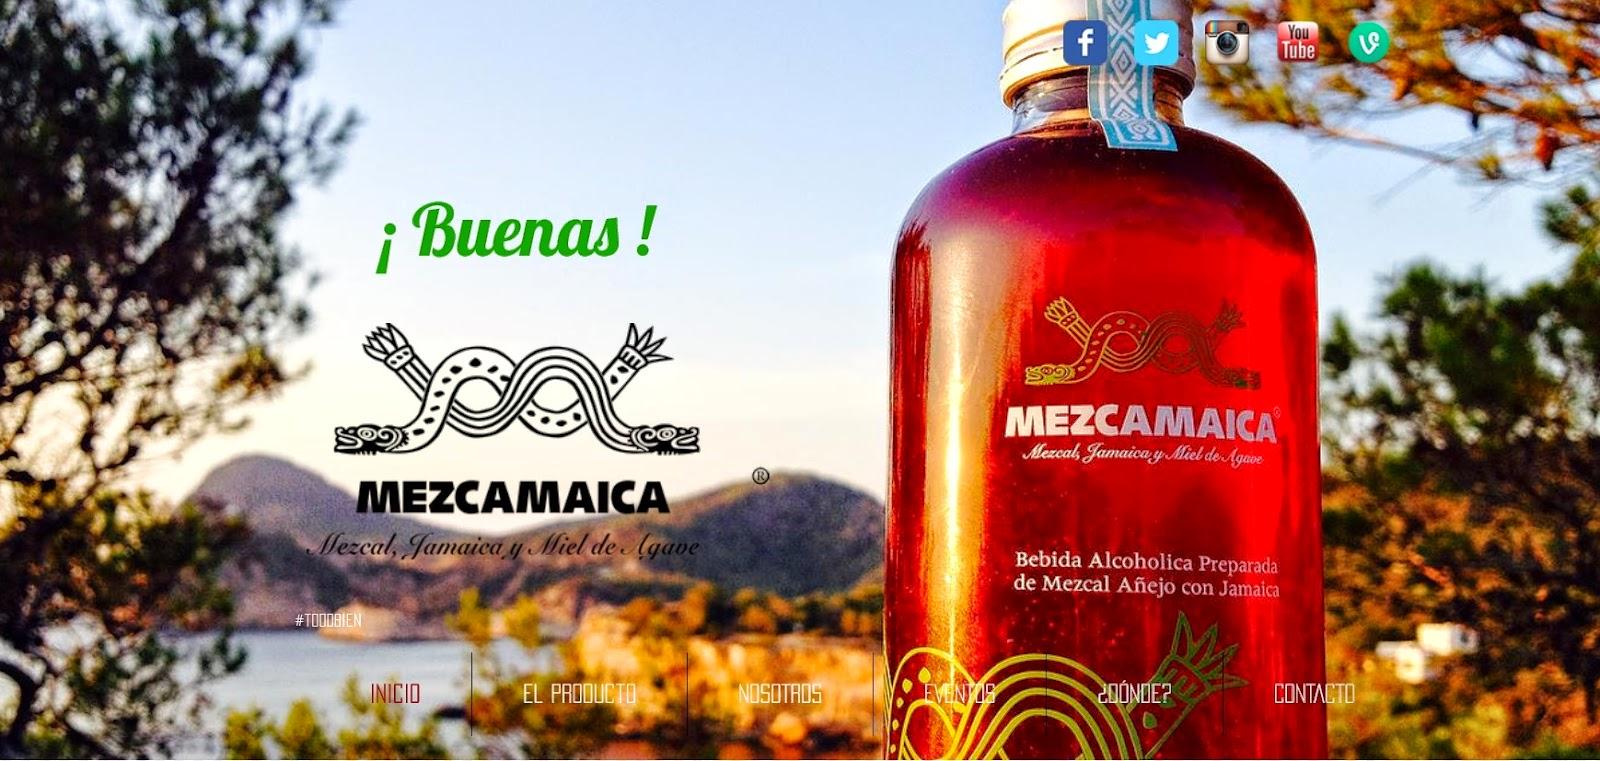 http://www.mezcamaica.com/